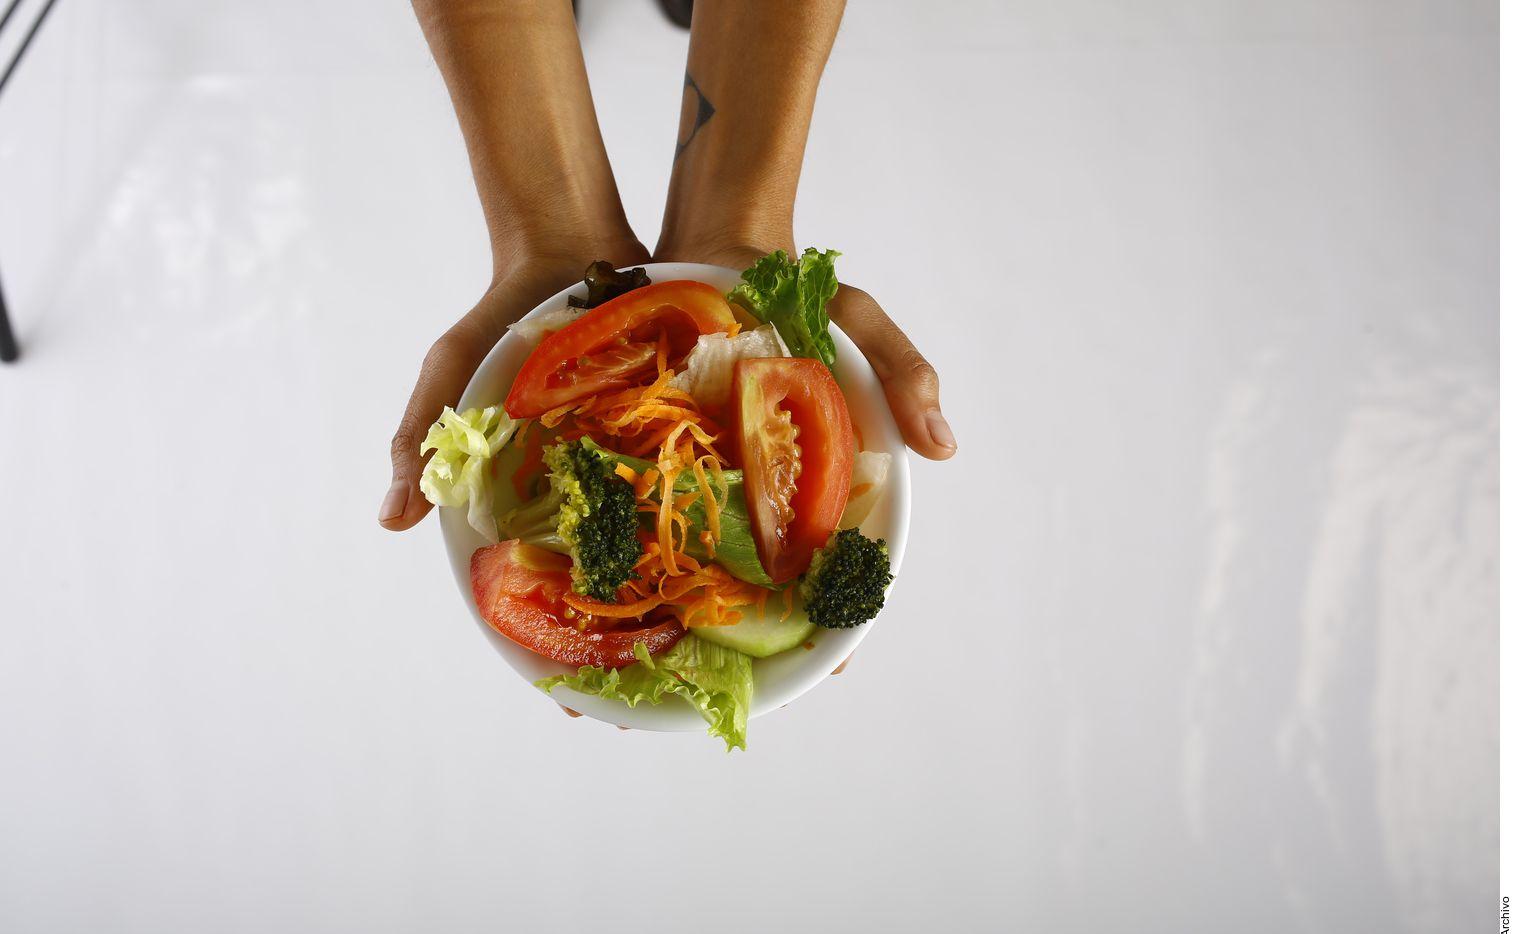 La comida que ingresa al organismo es tan importante como la gasolina para un automóvil, ejemplifica la nutrióloga Andrea Fraga.